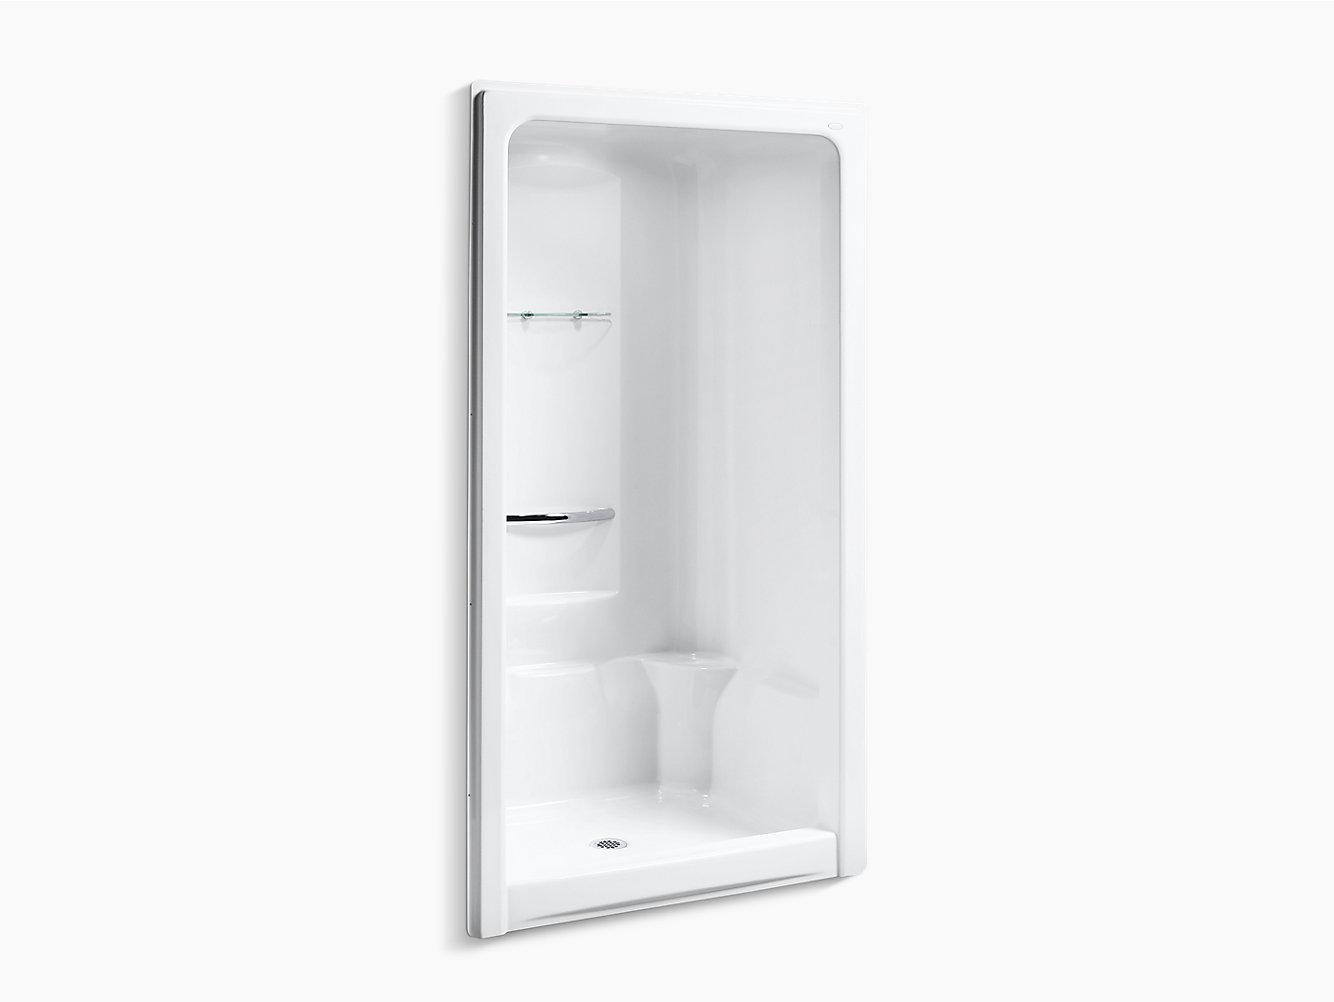 Sonata 4-Foot Shower Stall | K-1687 | KOHLER